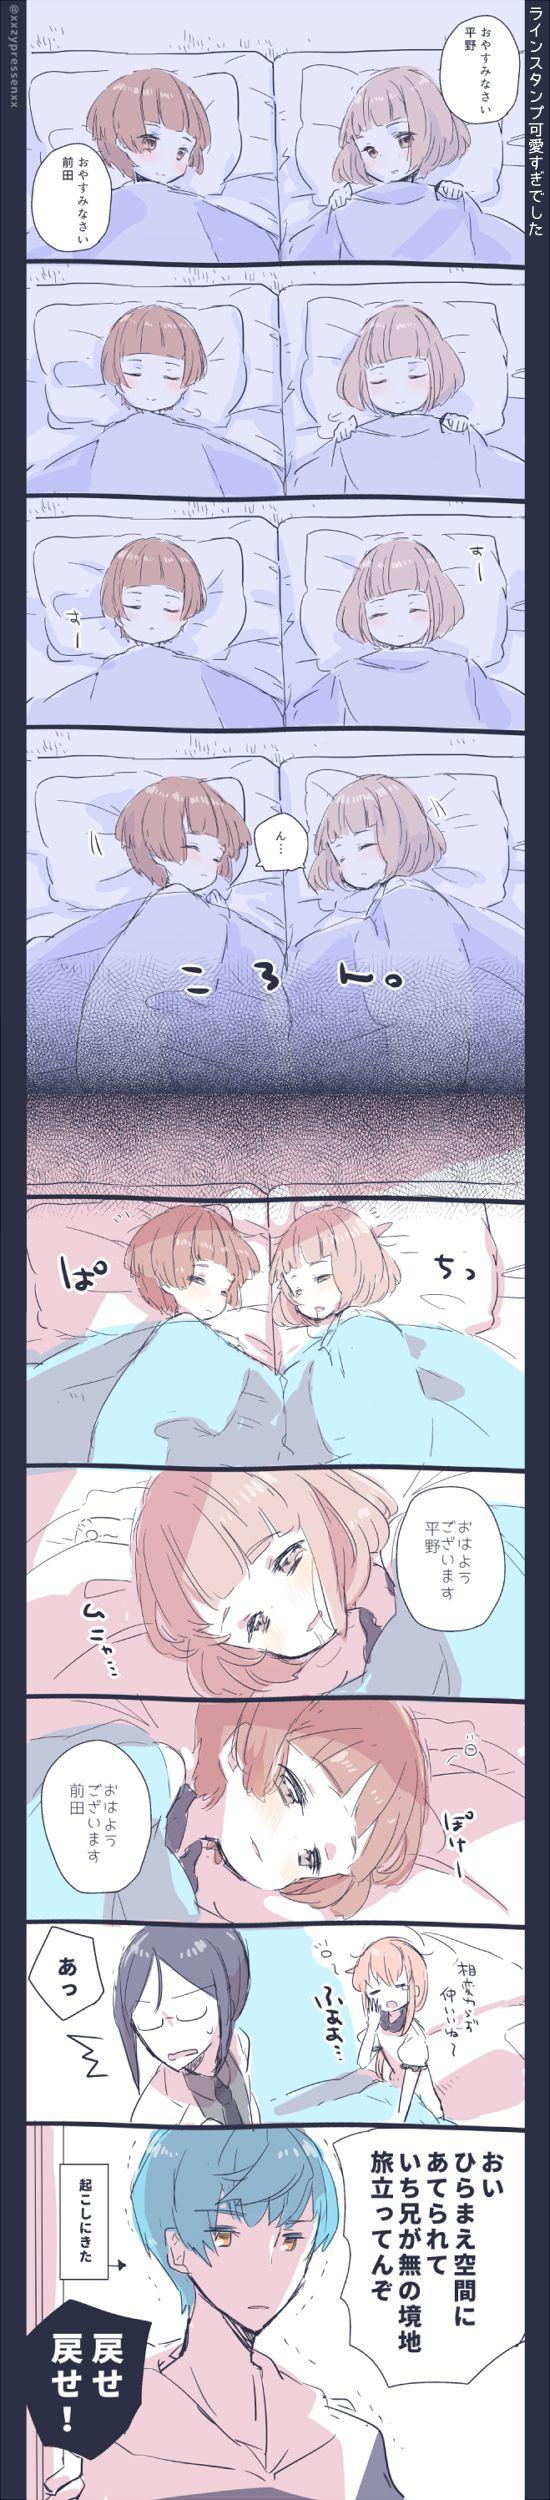 「刀剣乱舞ログ④」/「あめこ」の漫画 [pixiv]